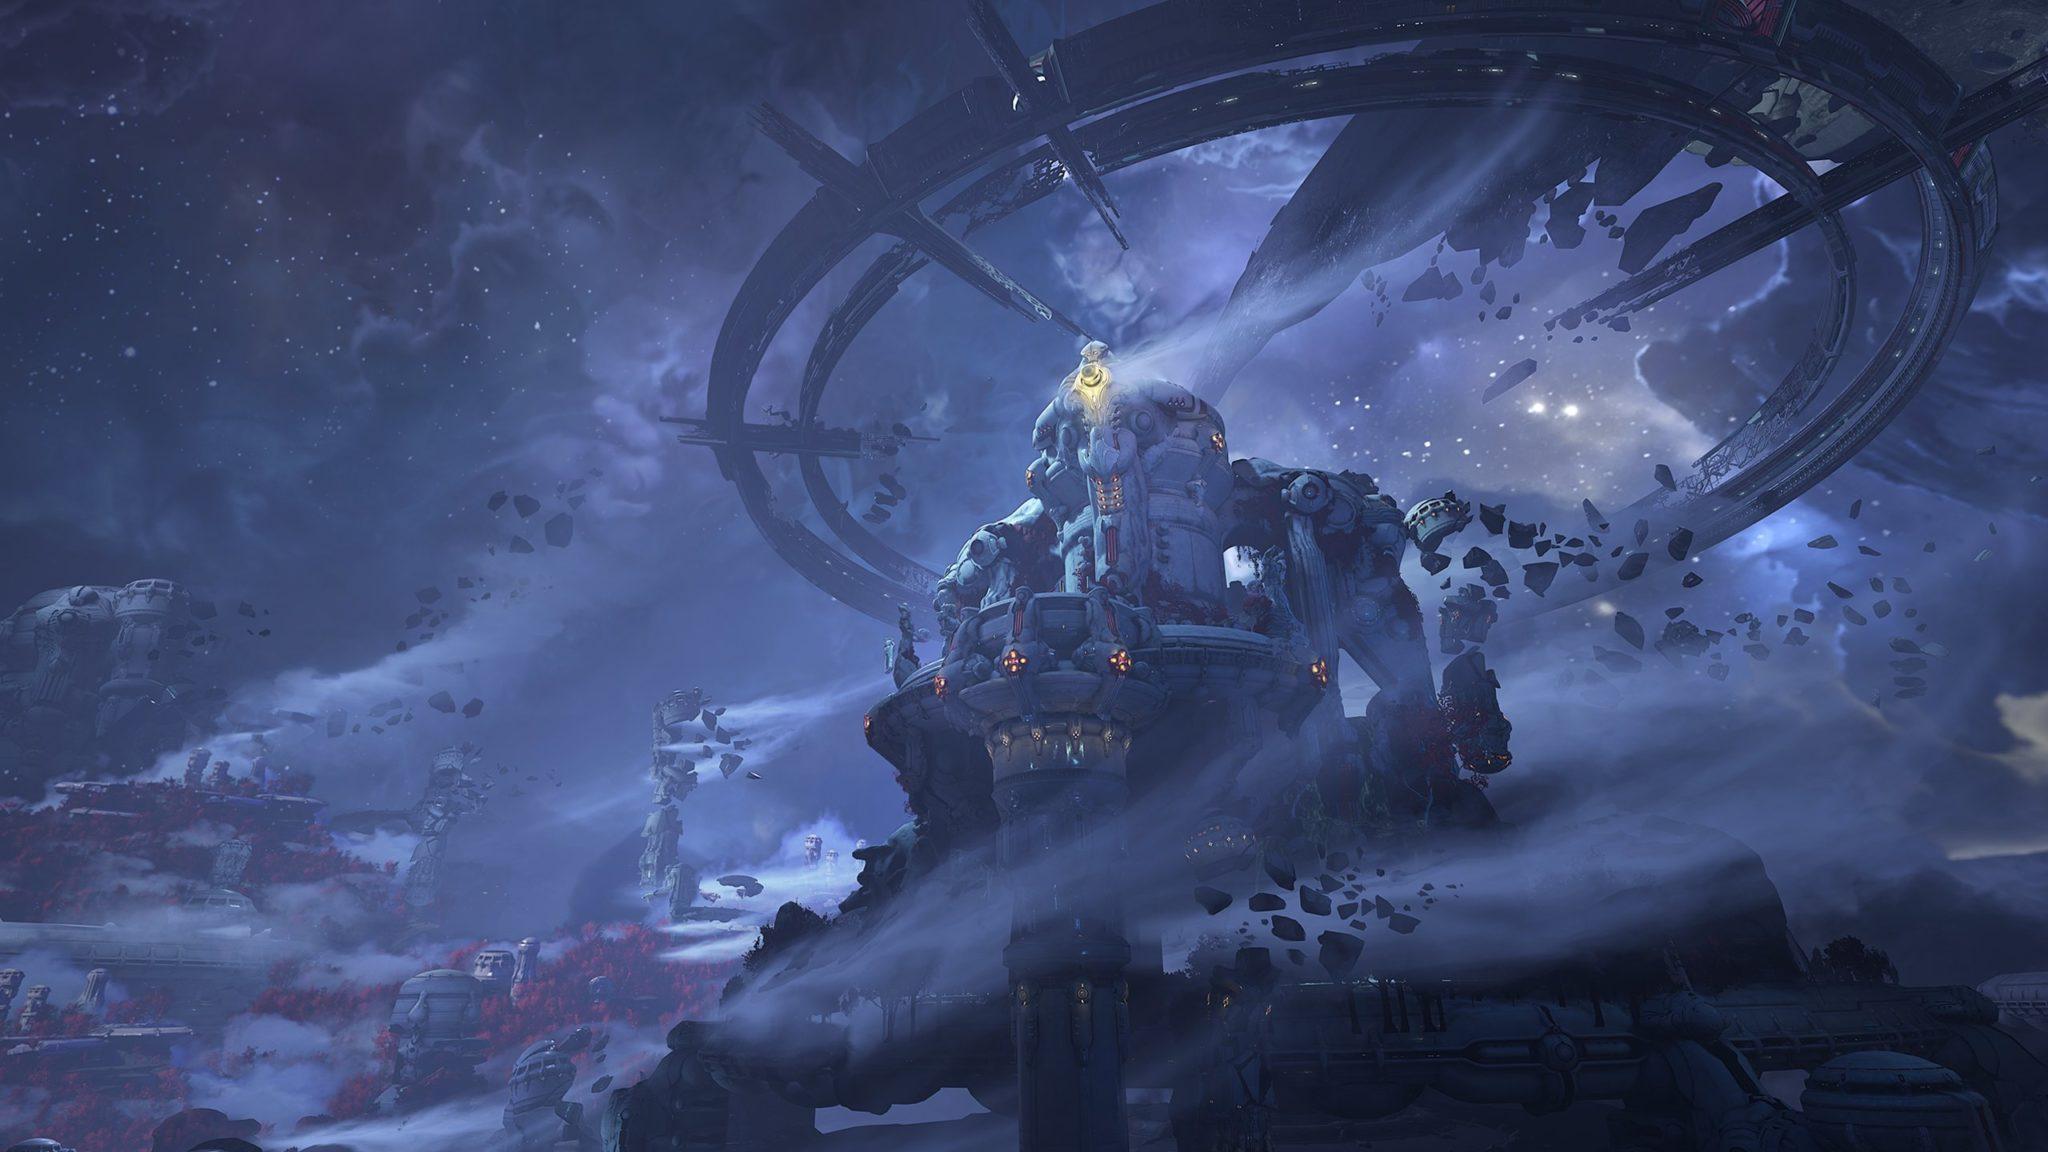 Annonce de la date de sortie de DOOM Eternal: The Ancien Gods Part One